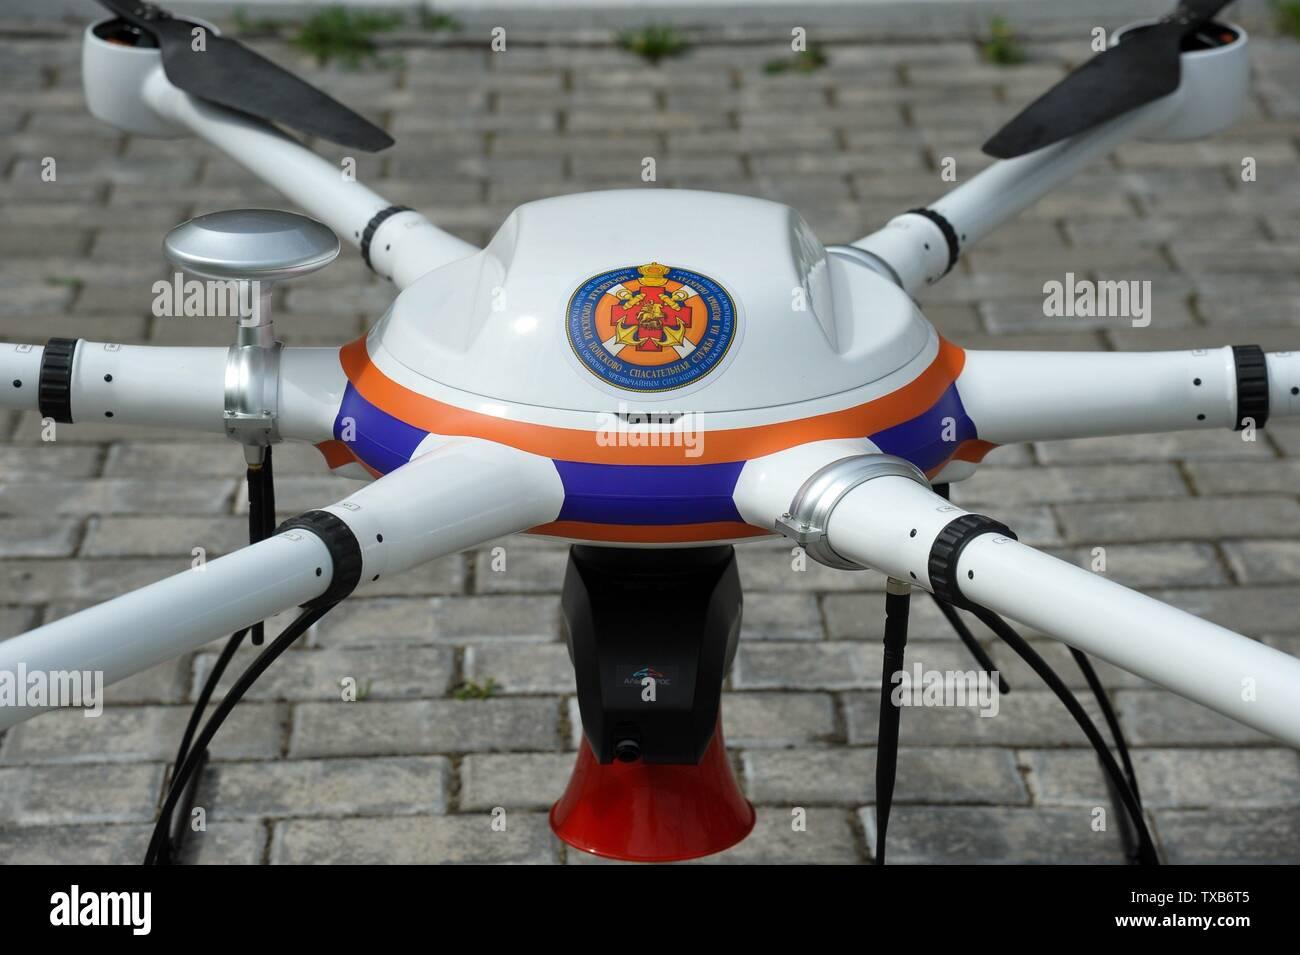 Rusia, Moscú. Los vehículos aéreos no tripulados de la ciudad de Moscú del servicio de búsqueda y salvamento. Imagen De Stock